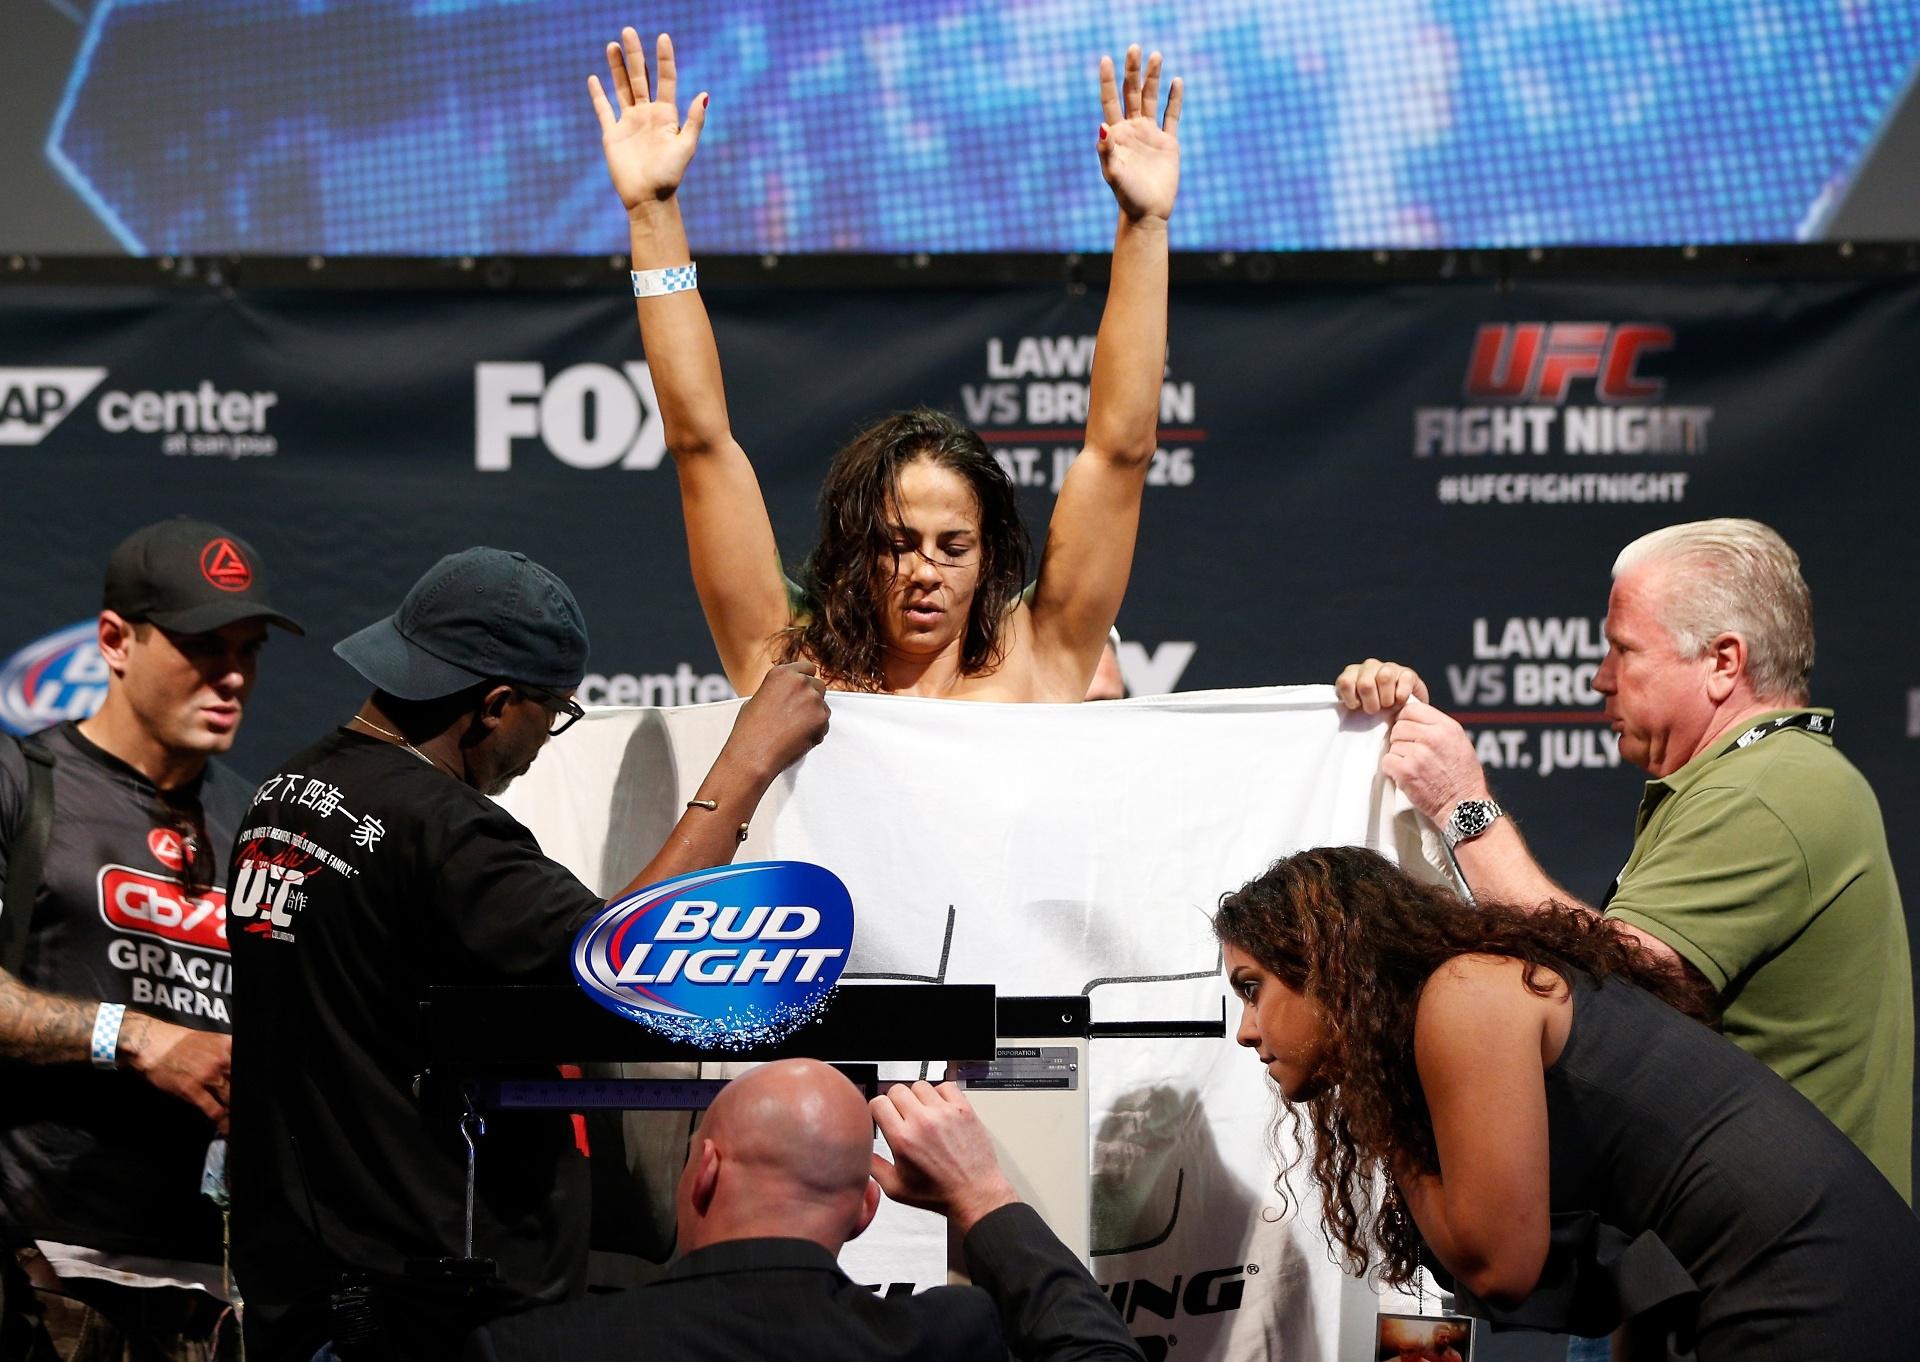 Toalha cobre o corpo de lutadora brasileira que tirou o biquíni numa tentativa frustrada de bater o peso para luta do UFC